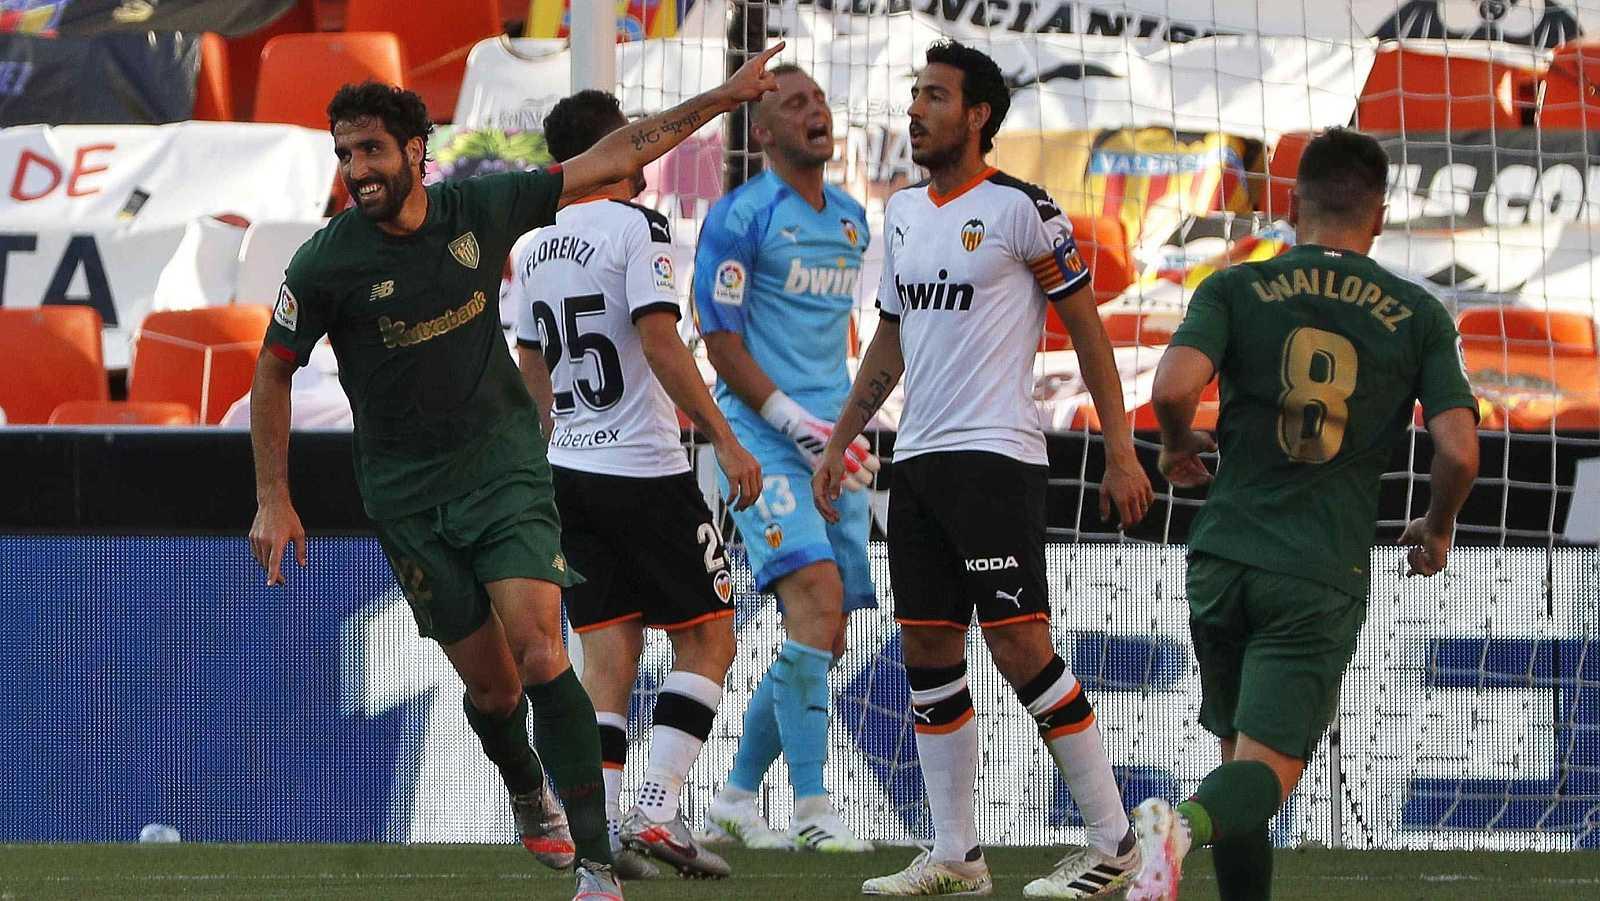 Valencia Athletic